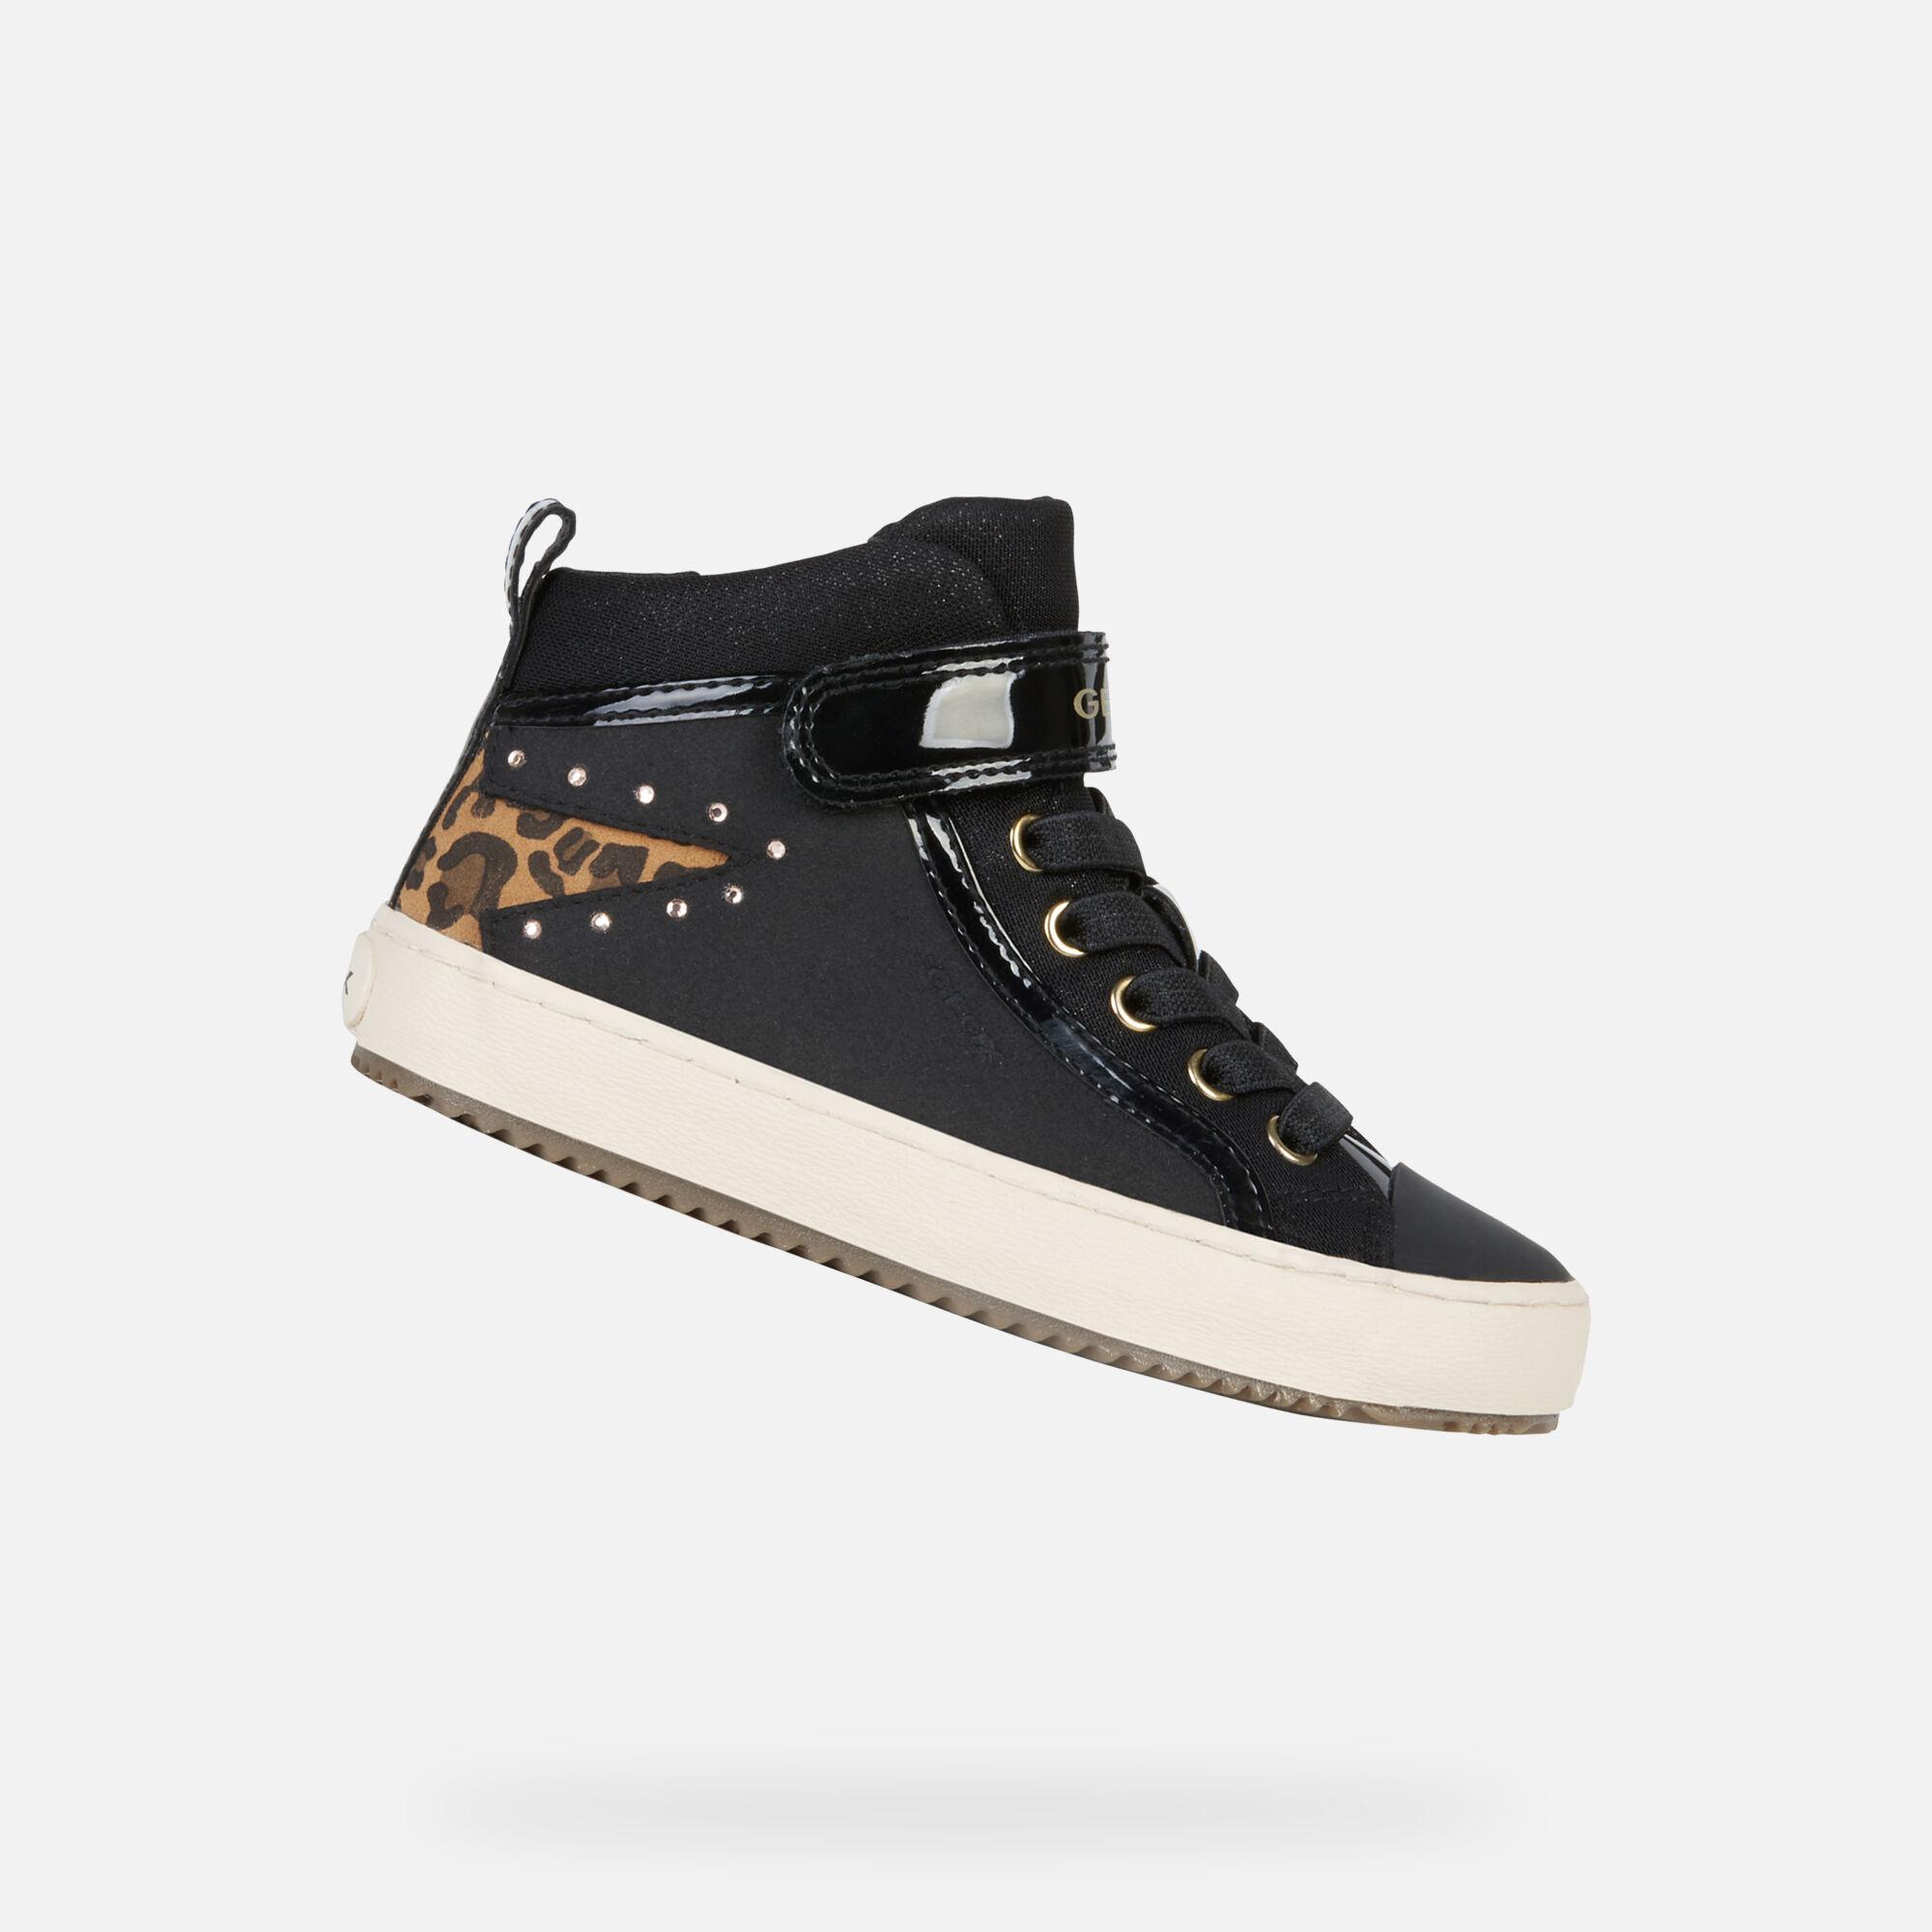 Geox KALISPERA Junior Girl Black Sneakers | Geox ®